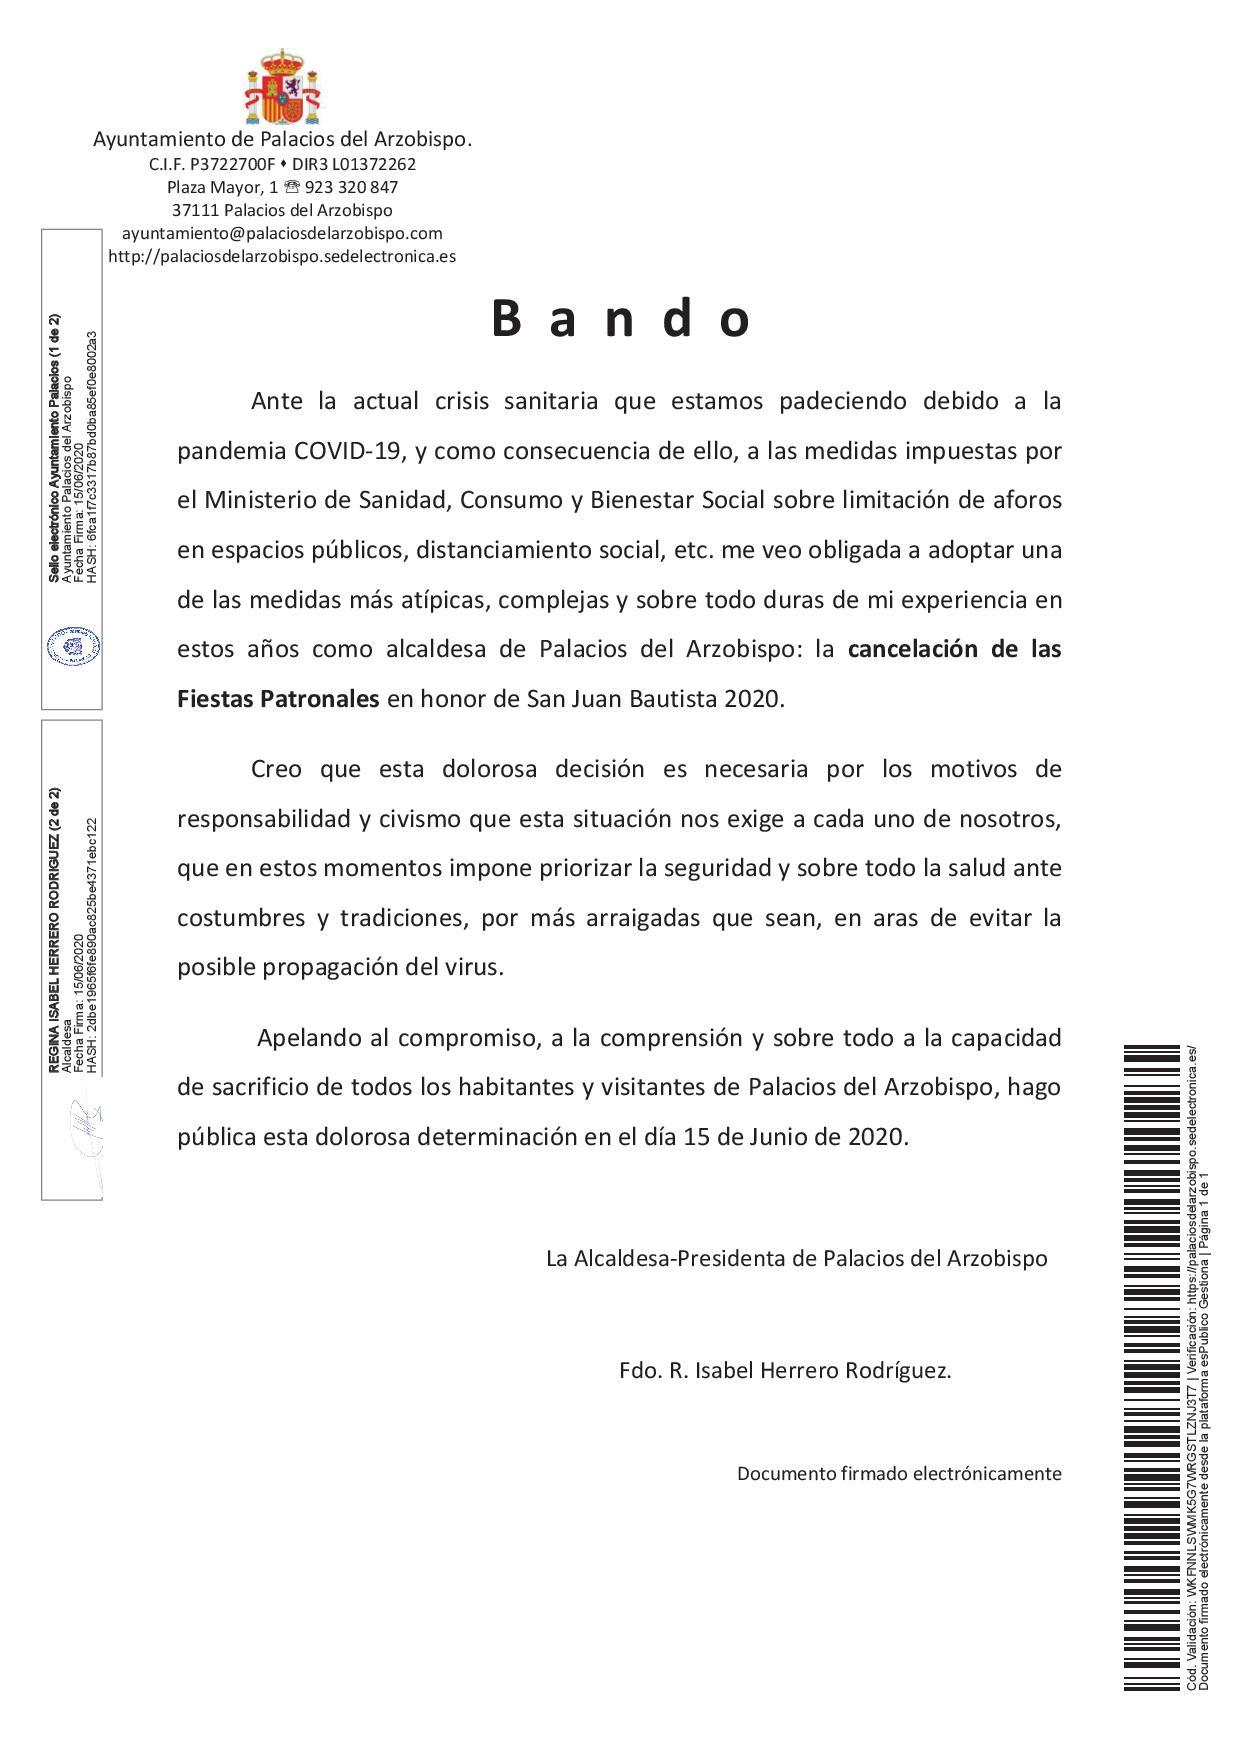 Suspendidas las Fiestas Patronales 2020 por la pandemia COVID 19